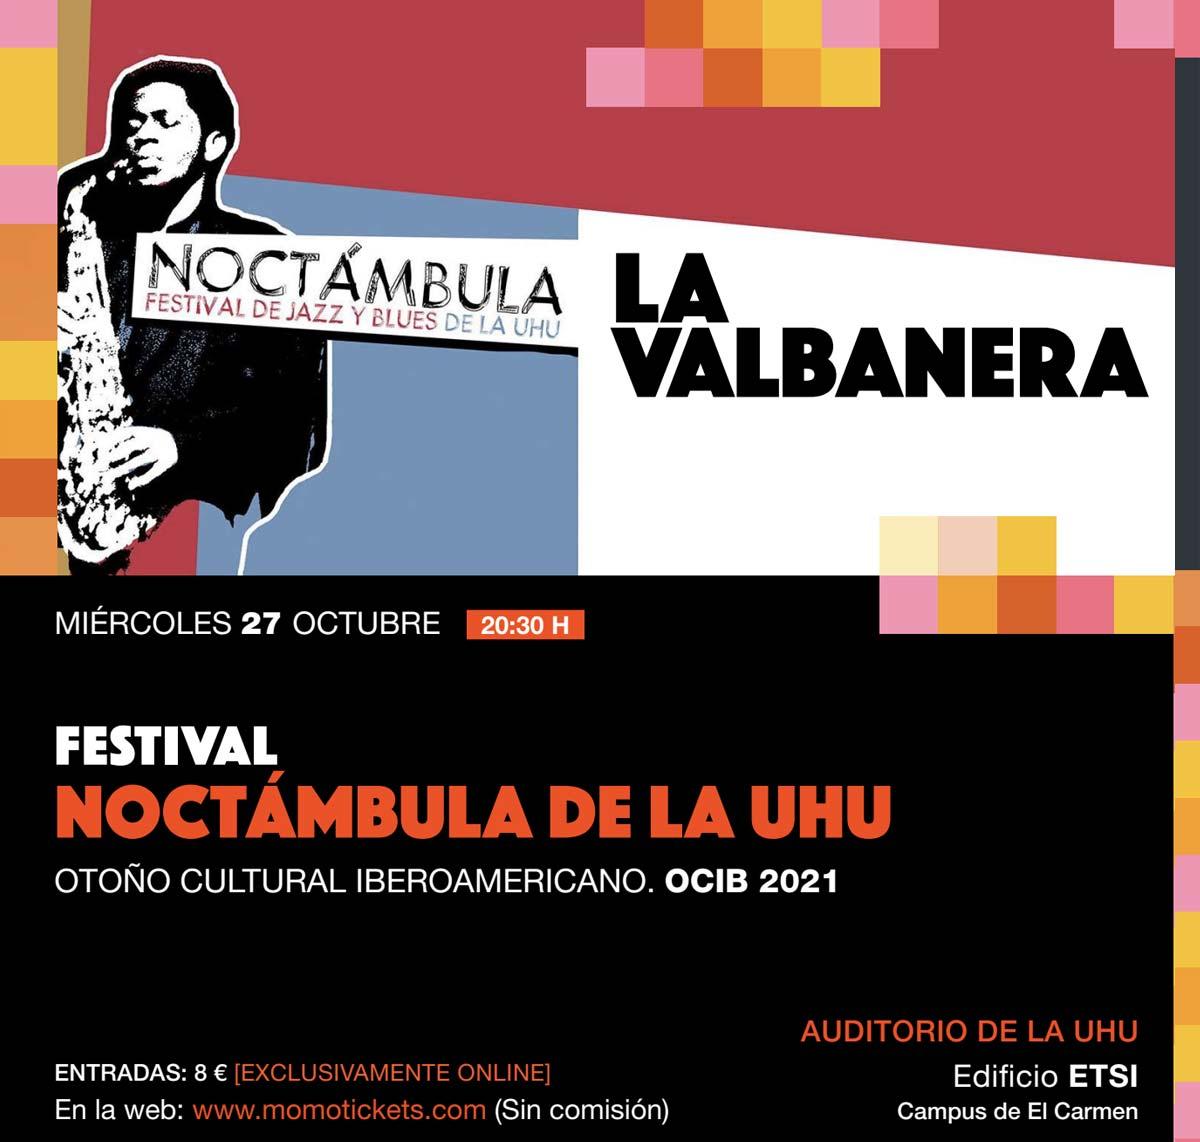 noctambula universidad de Huelva UHU Ocib 2021 27 de octubre la valbanera